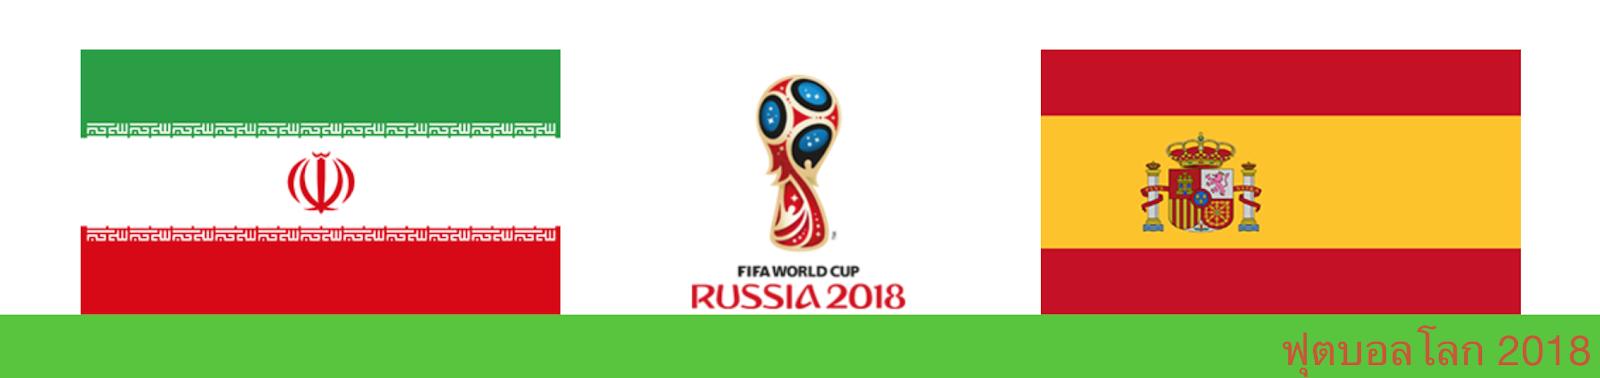 แทงบอลออนไลน์ วิเคราะห์บอล ฟุตบอลโลก ทีมชาติอิหร่าน vs ทีมชาติสเปน